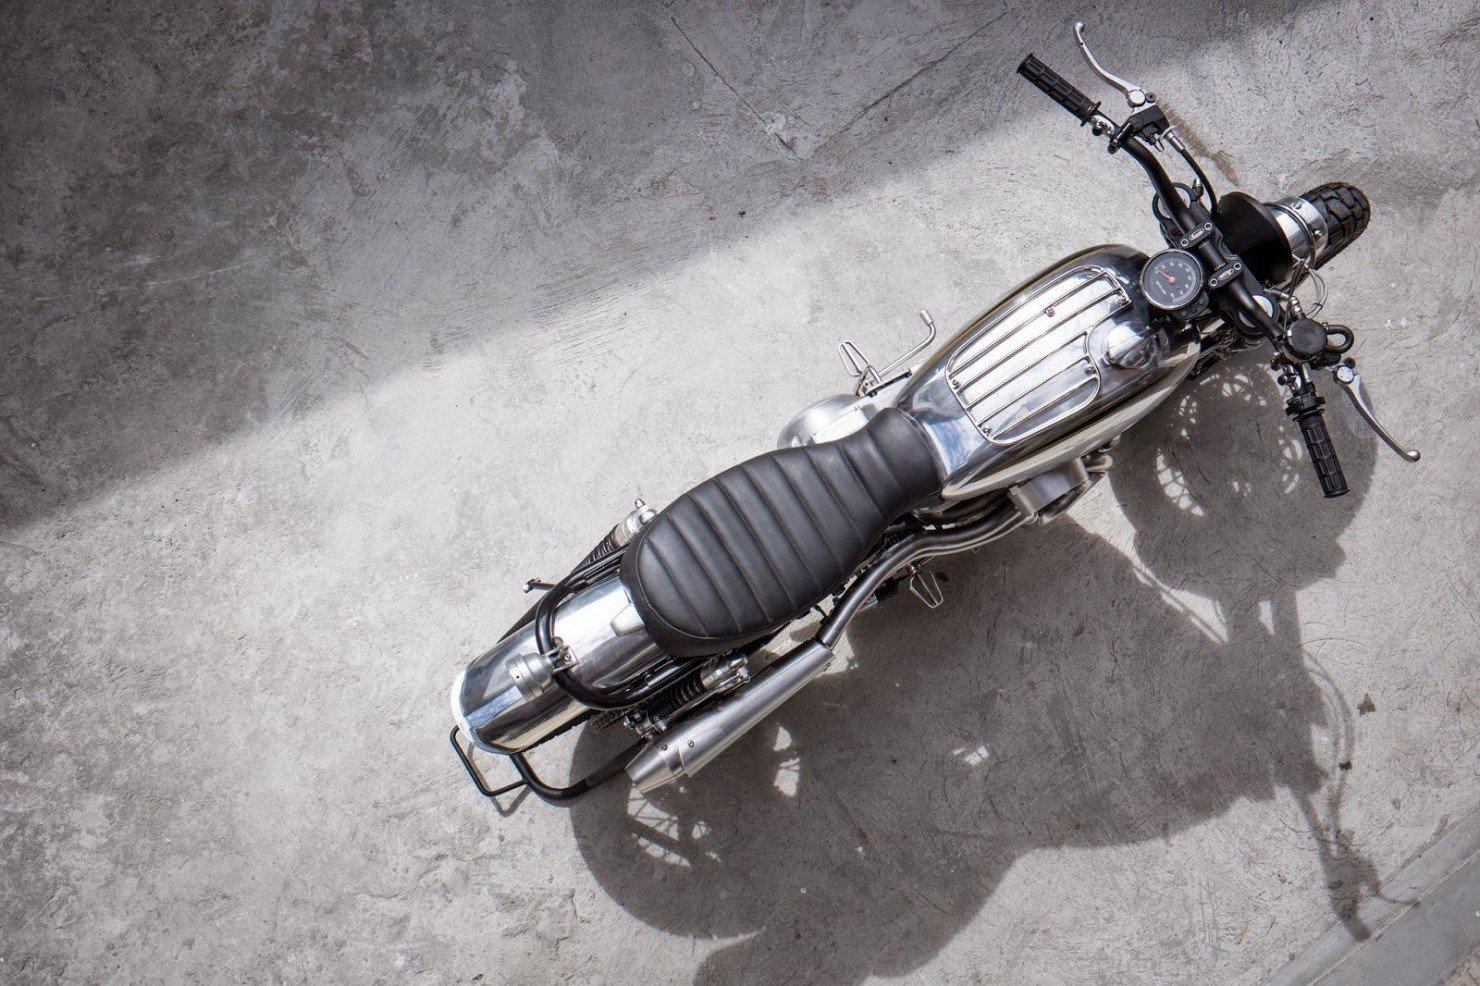 Harley-Davidson-Scrambler-Motorcycle-31